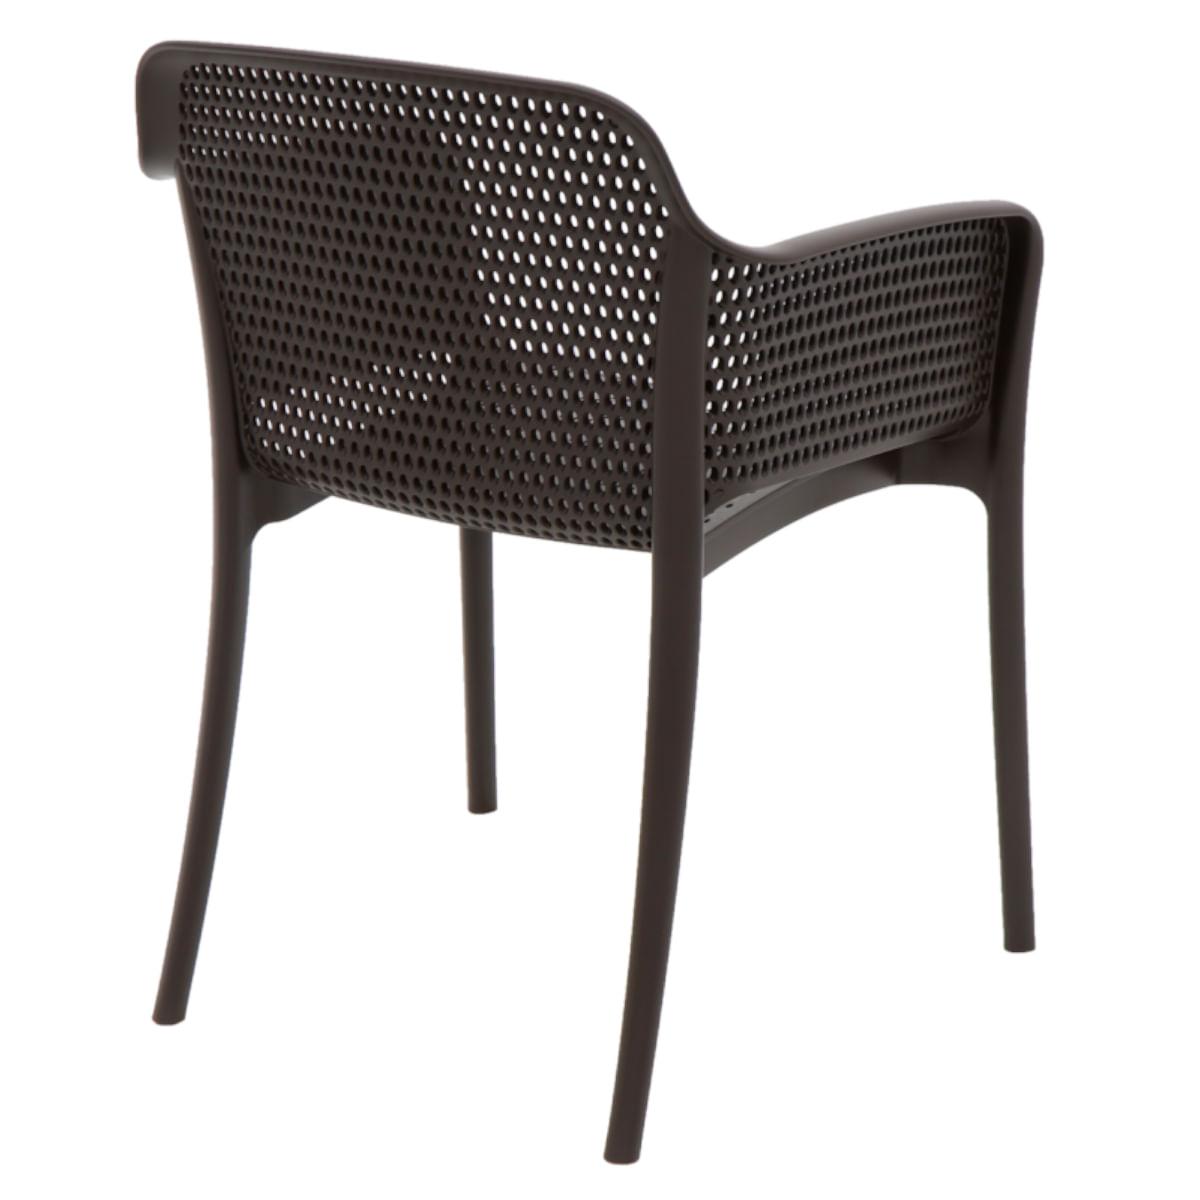 Cadeira Tramontina Gabriela Marrom em Polipropileno e Fibra de Vidro